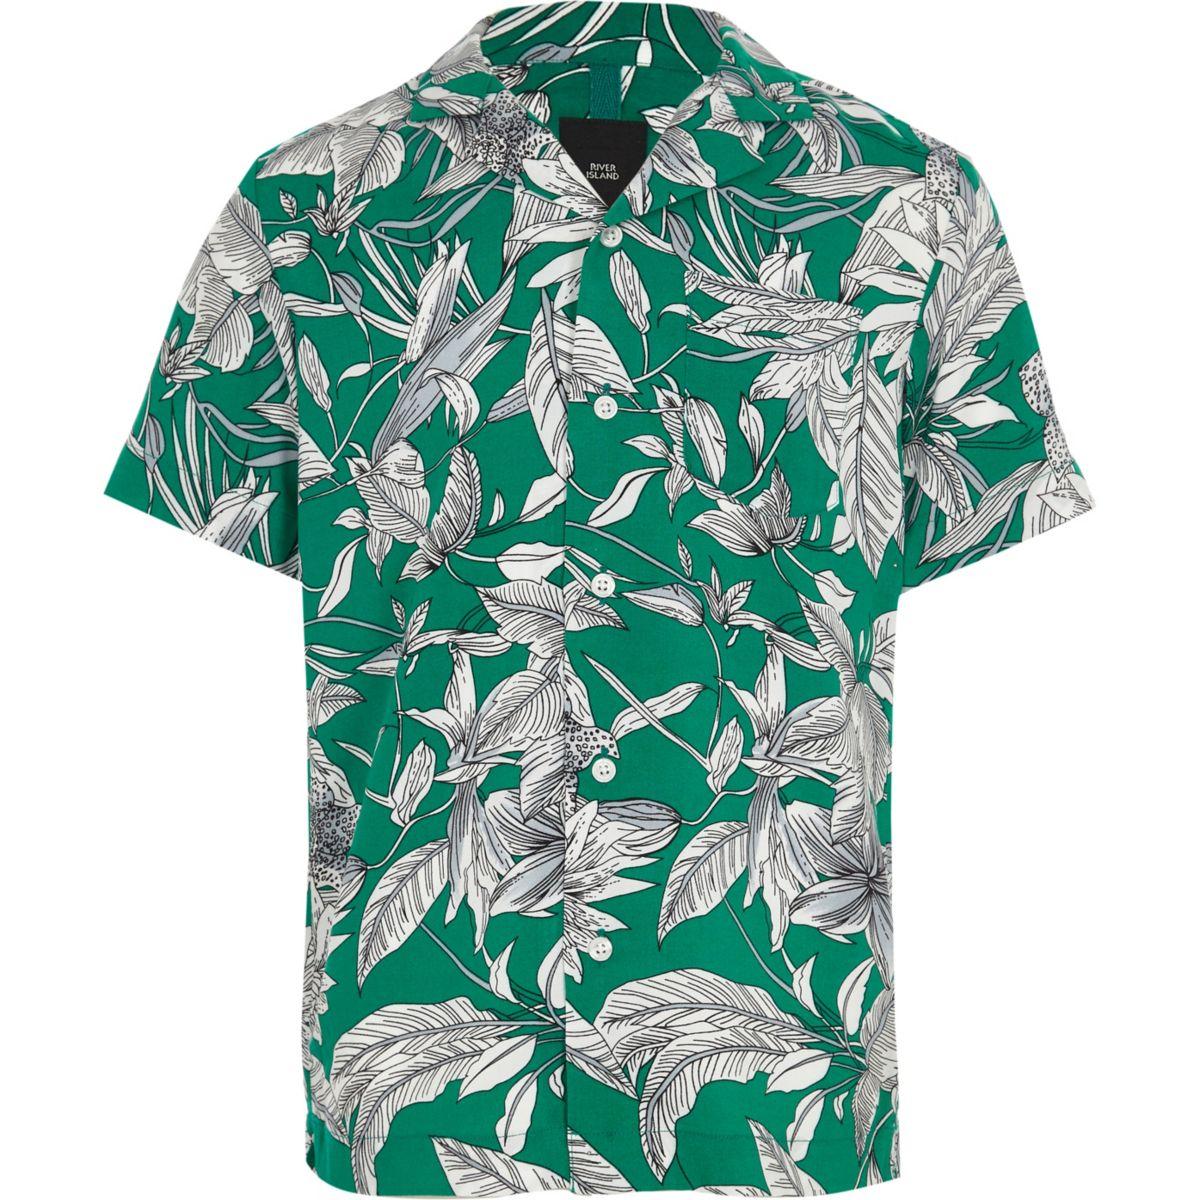 Boys green leaf print shirt